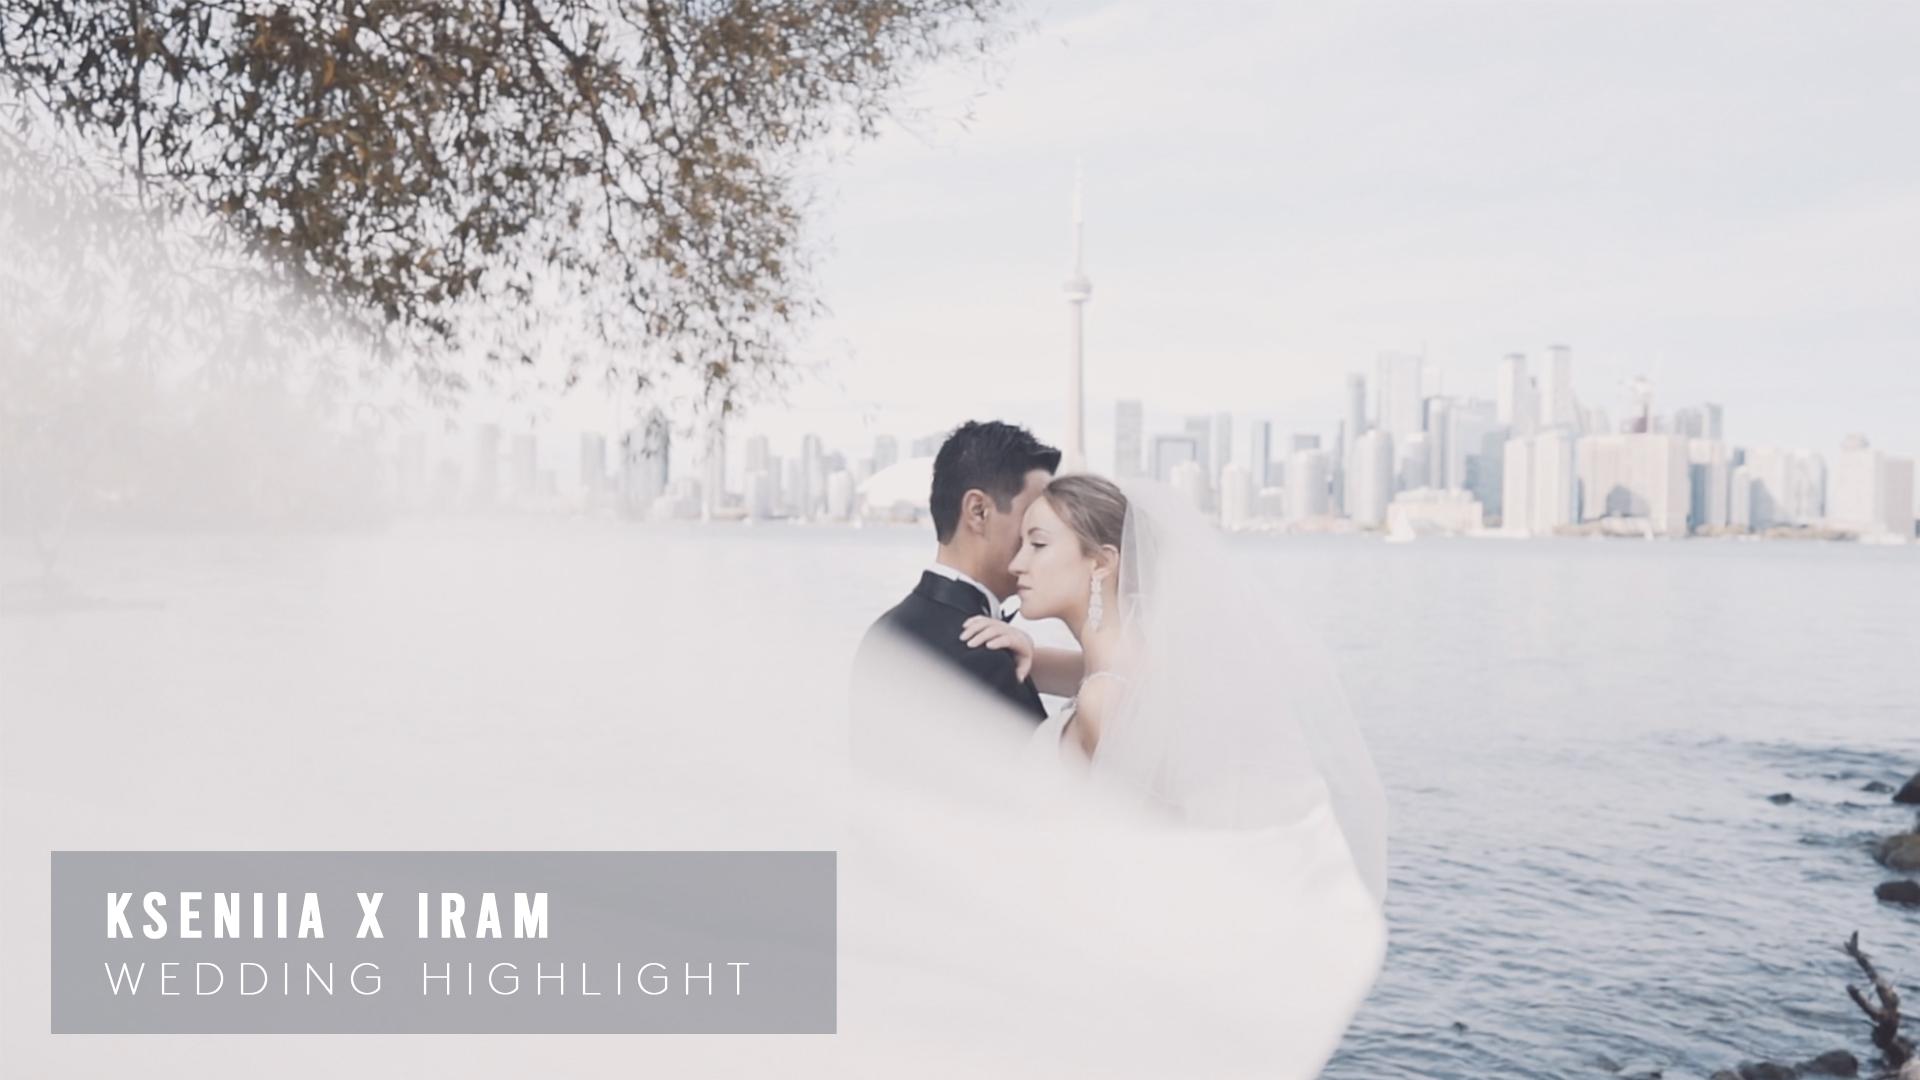 Ksennia & Ikram Wedding Highlight